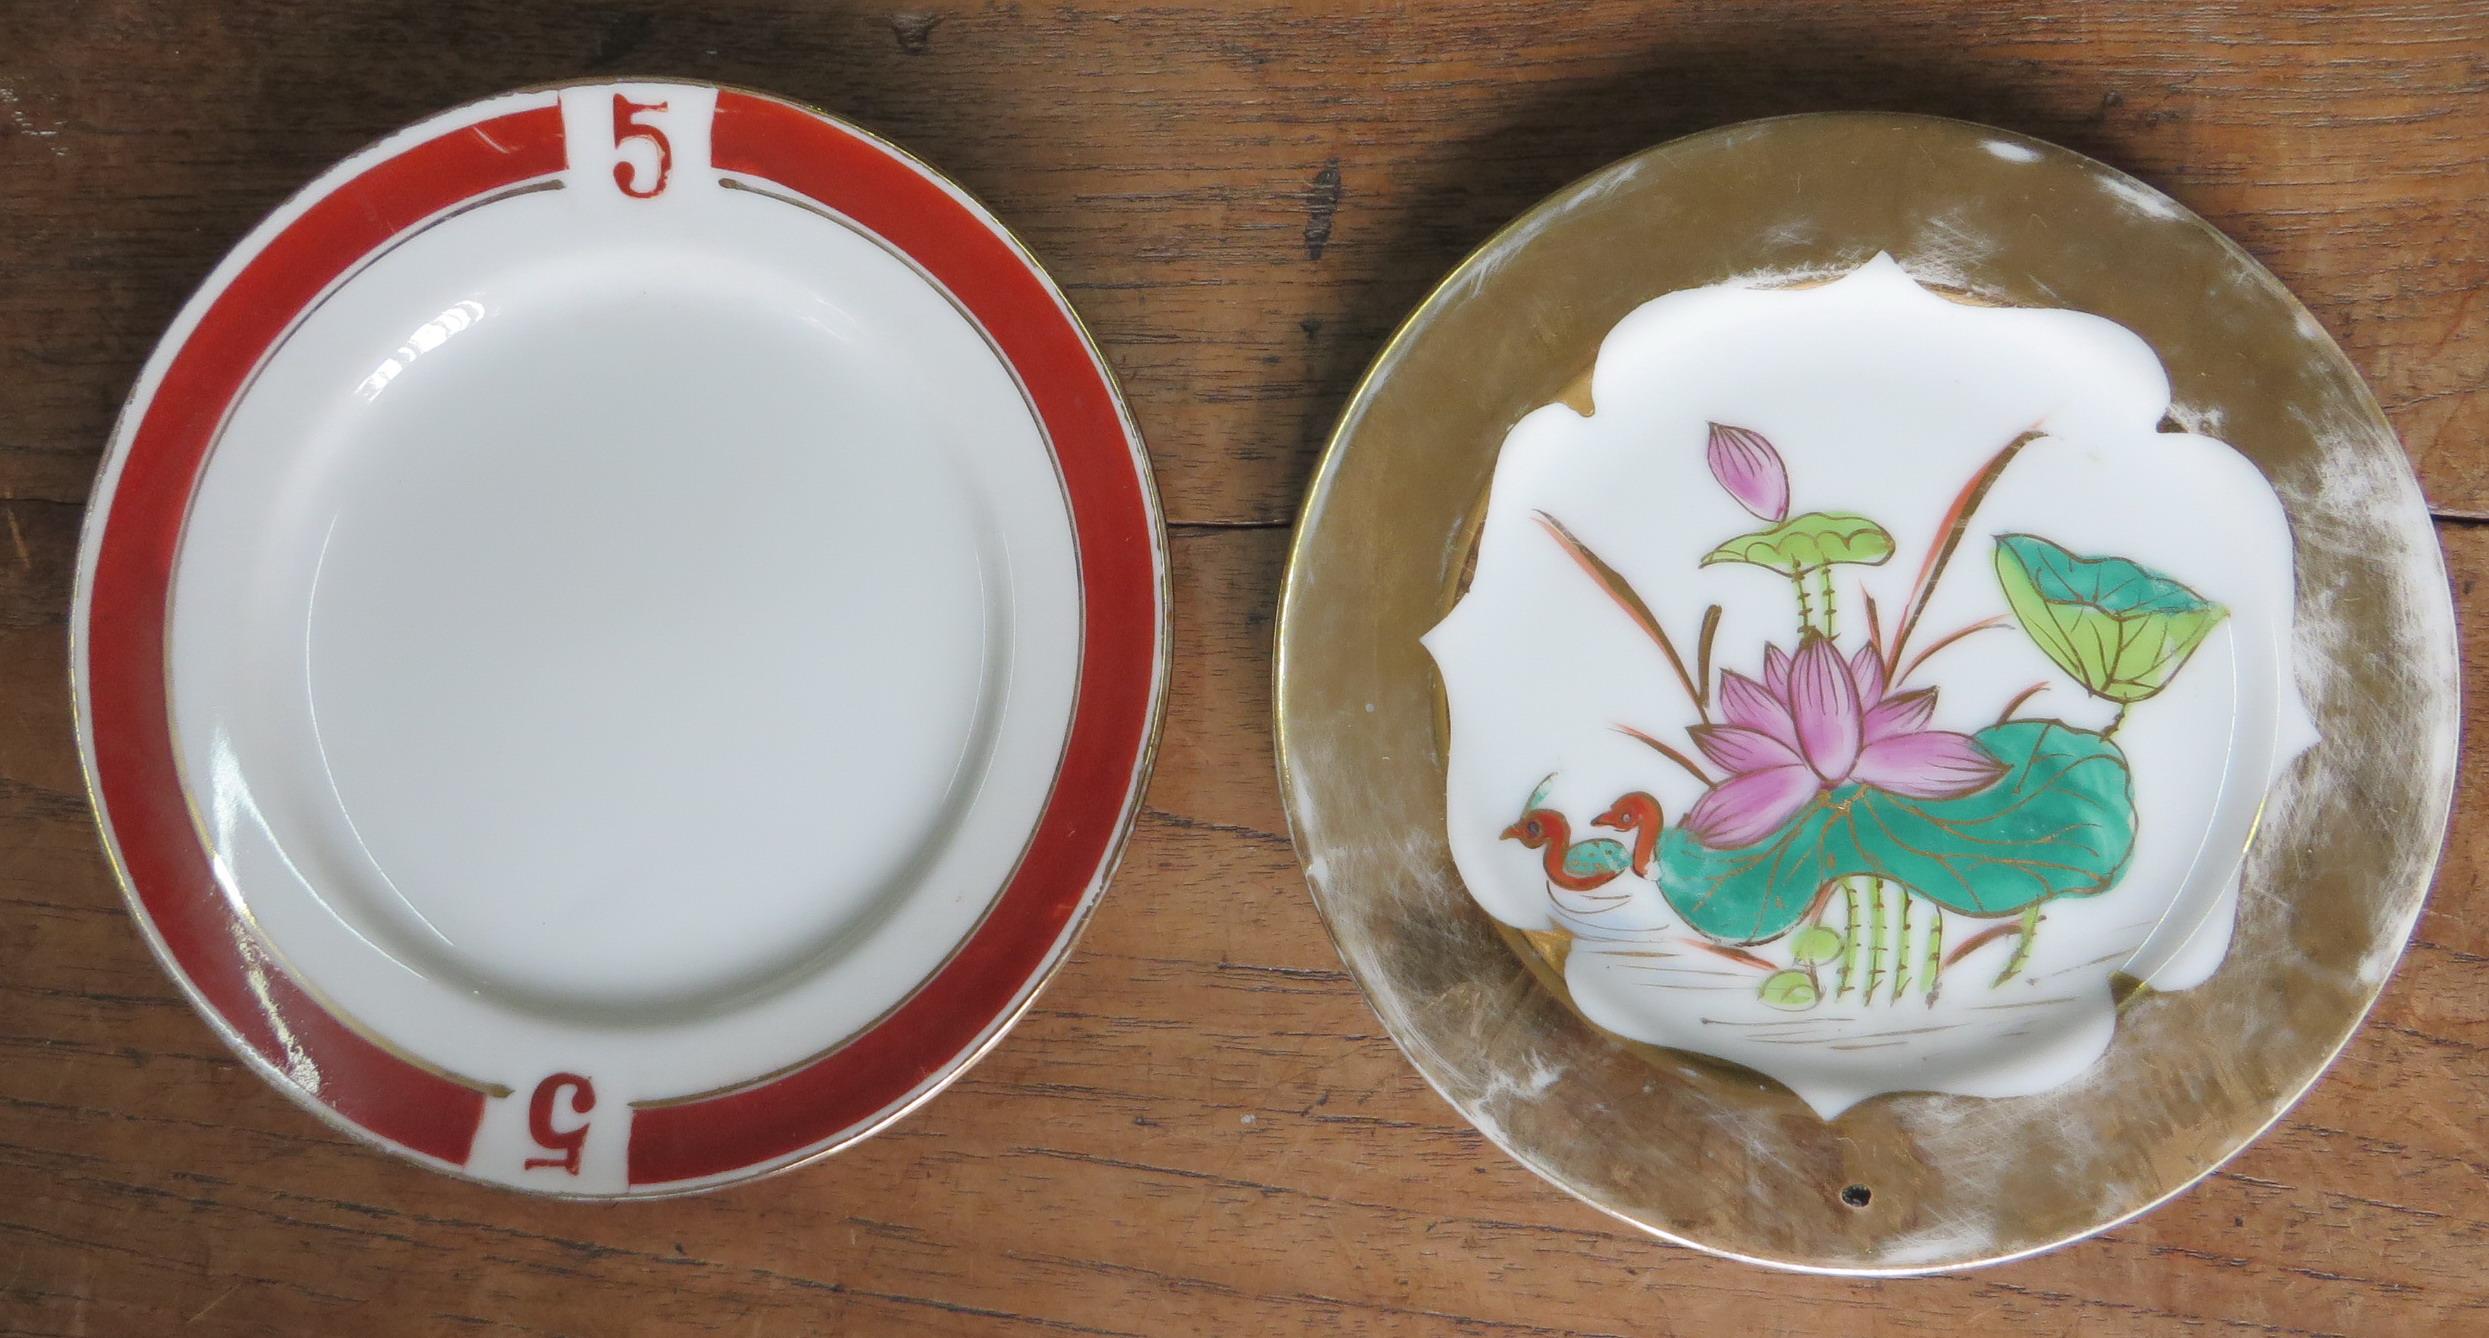 尚有數字號的點心碟(左),是半個世紀前的產物。(圖片由粵東磁廠提供)